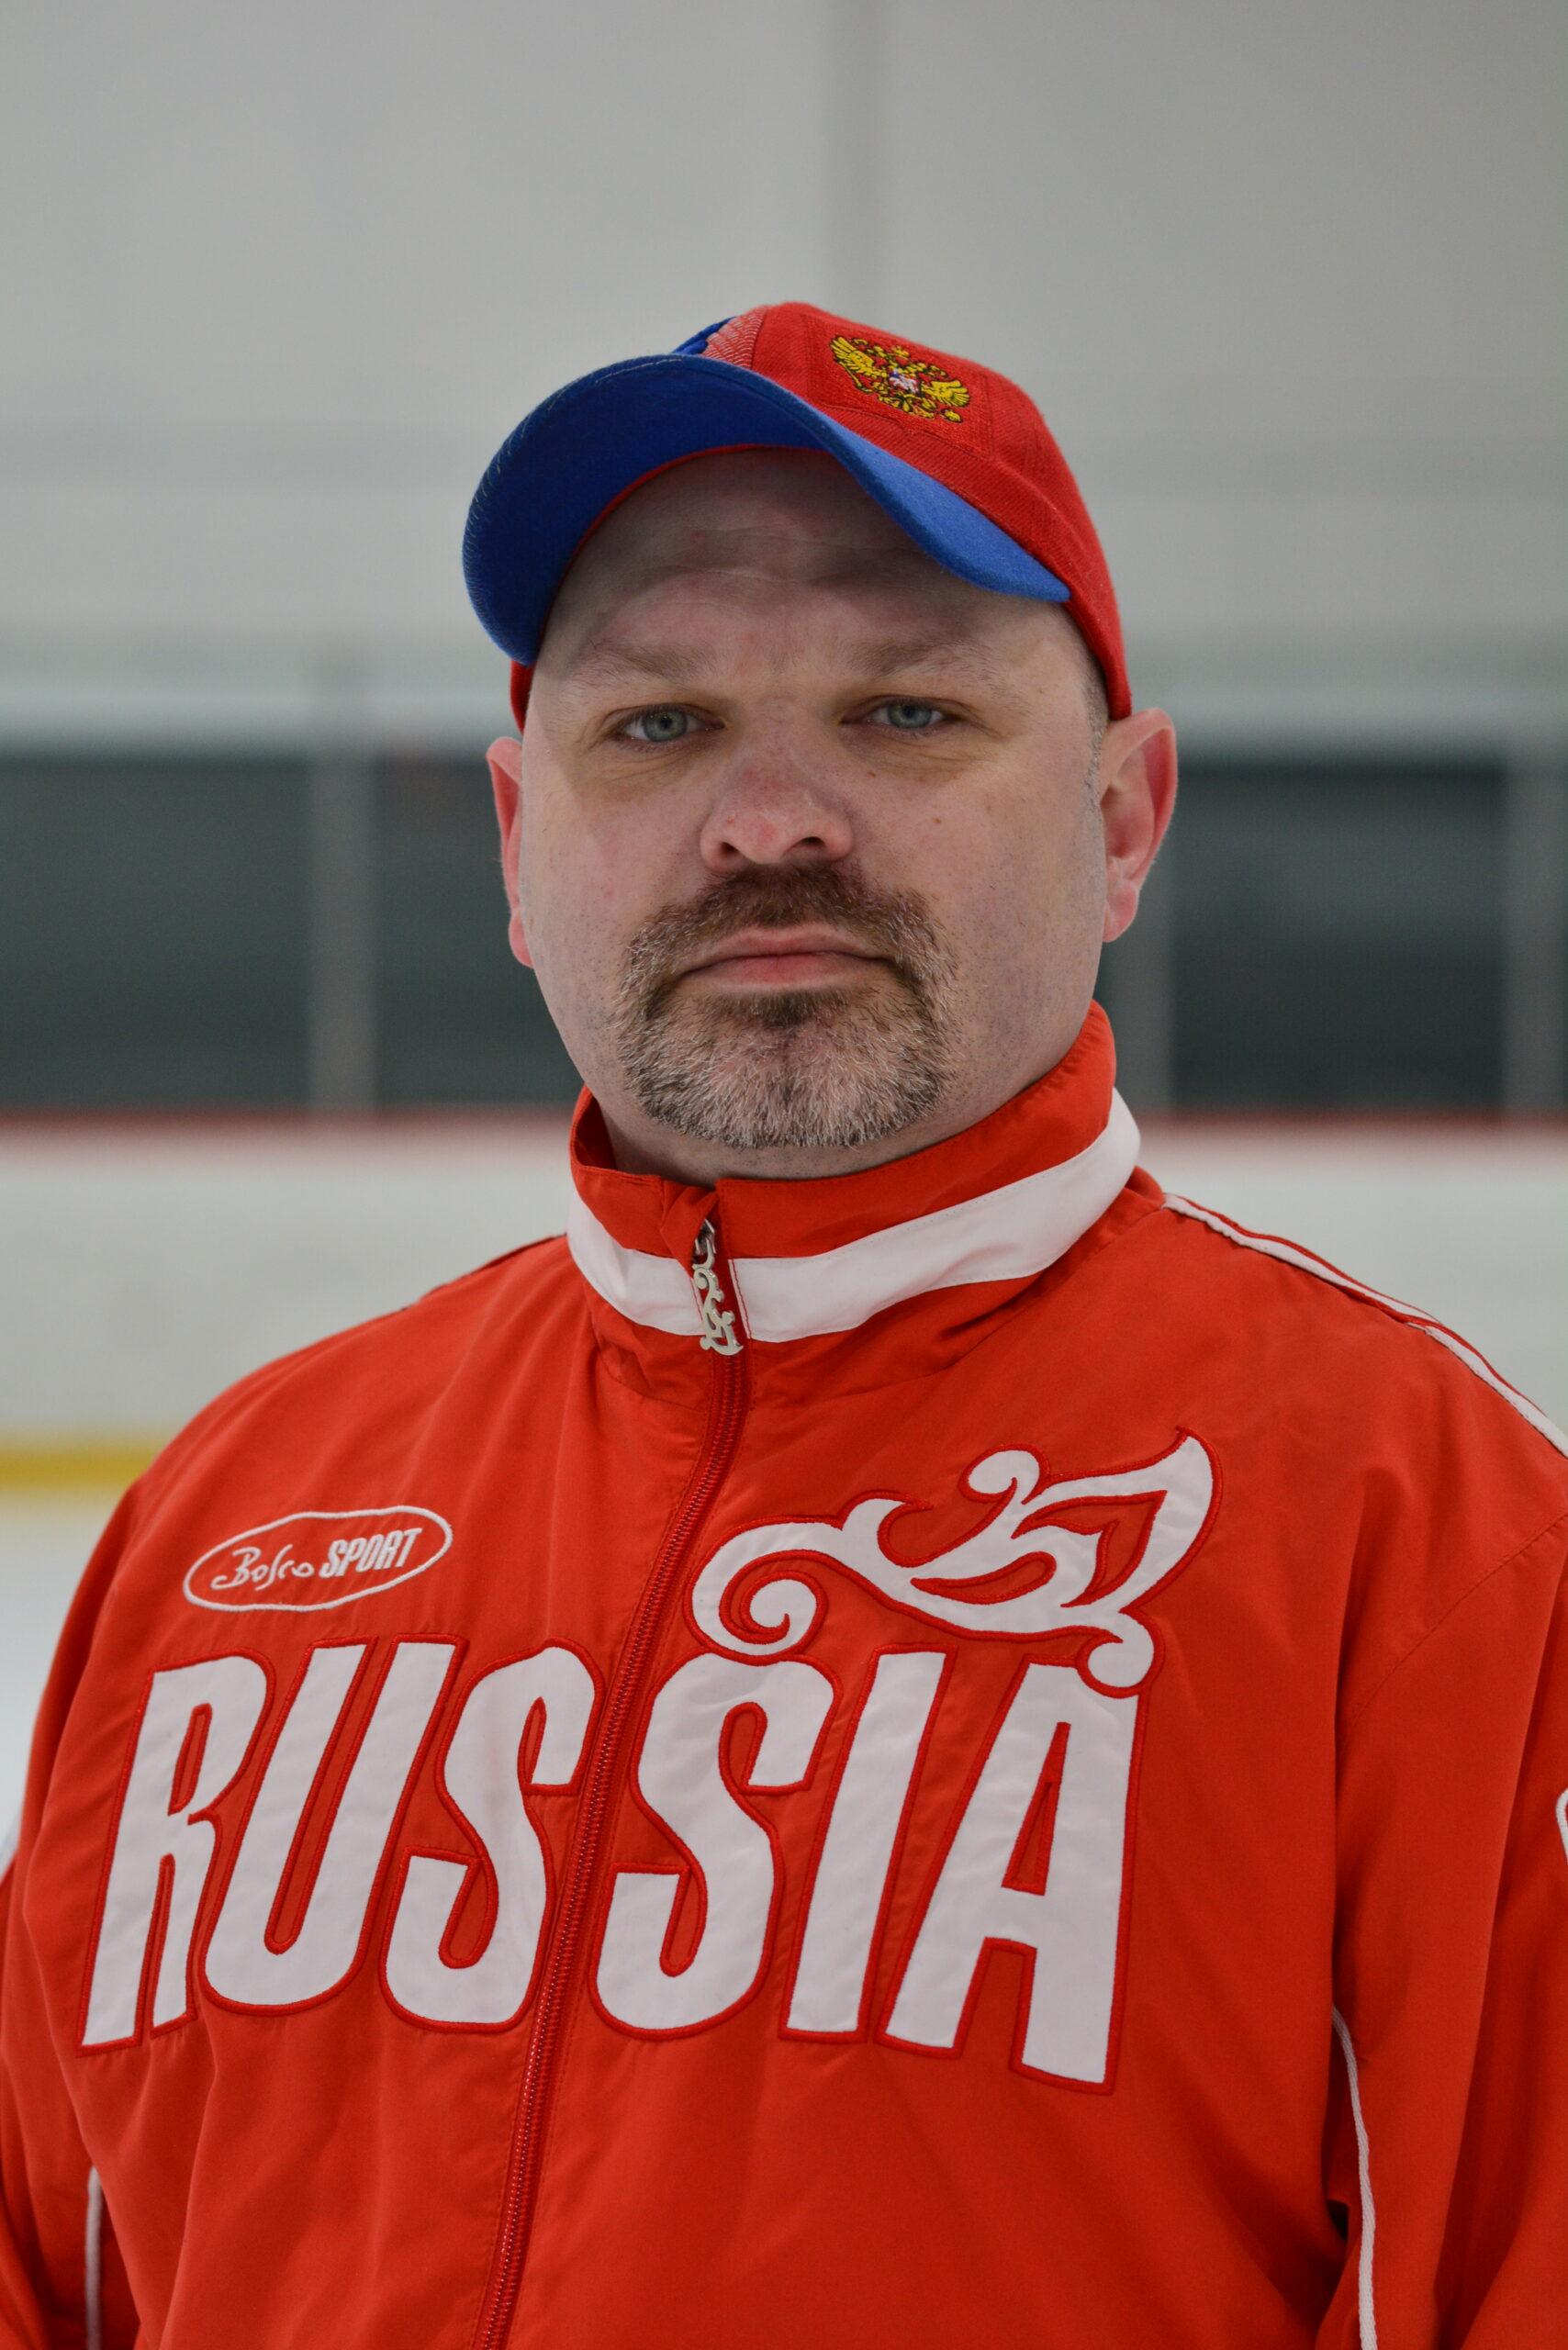 Artssa coach